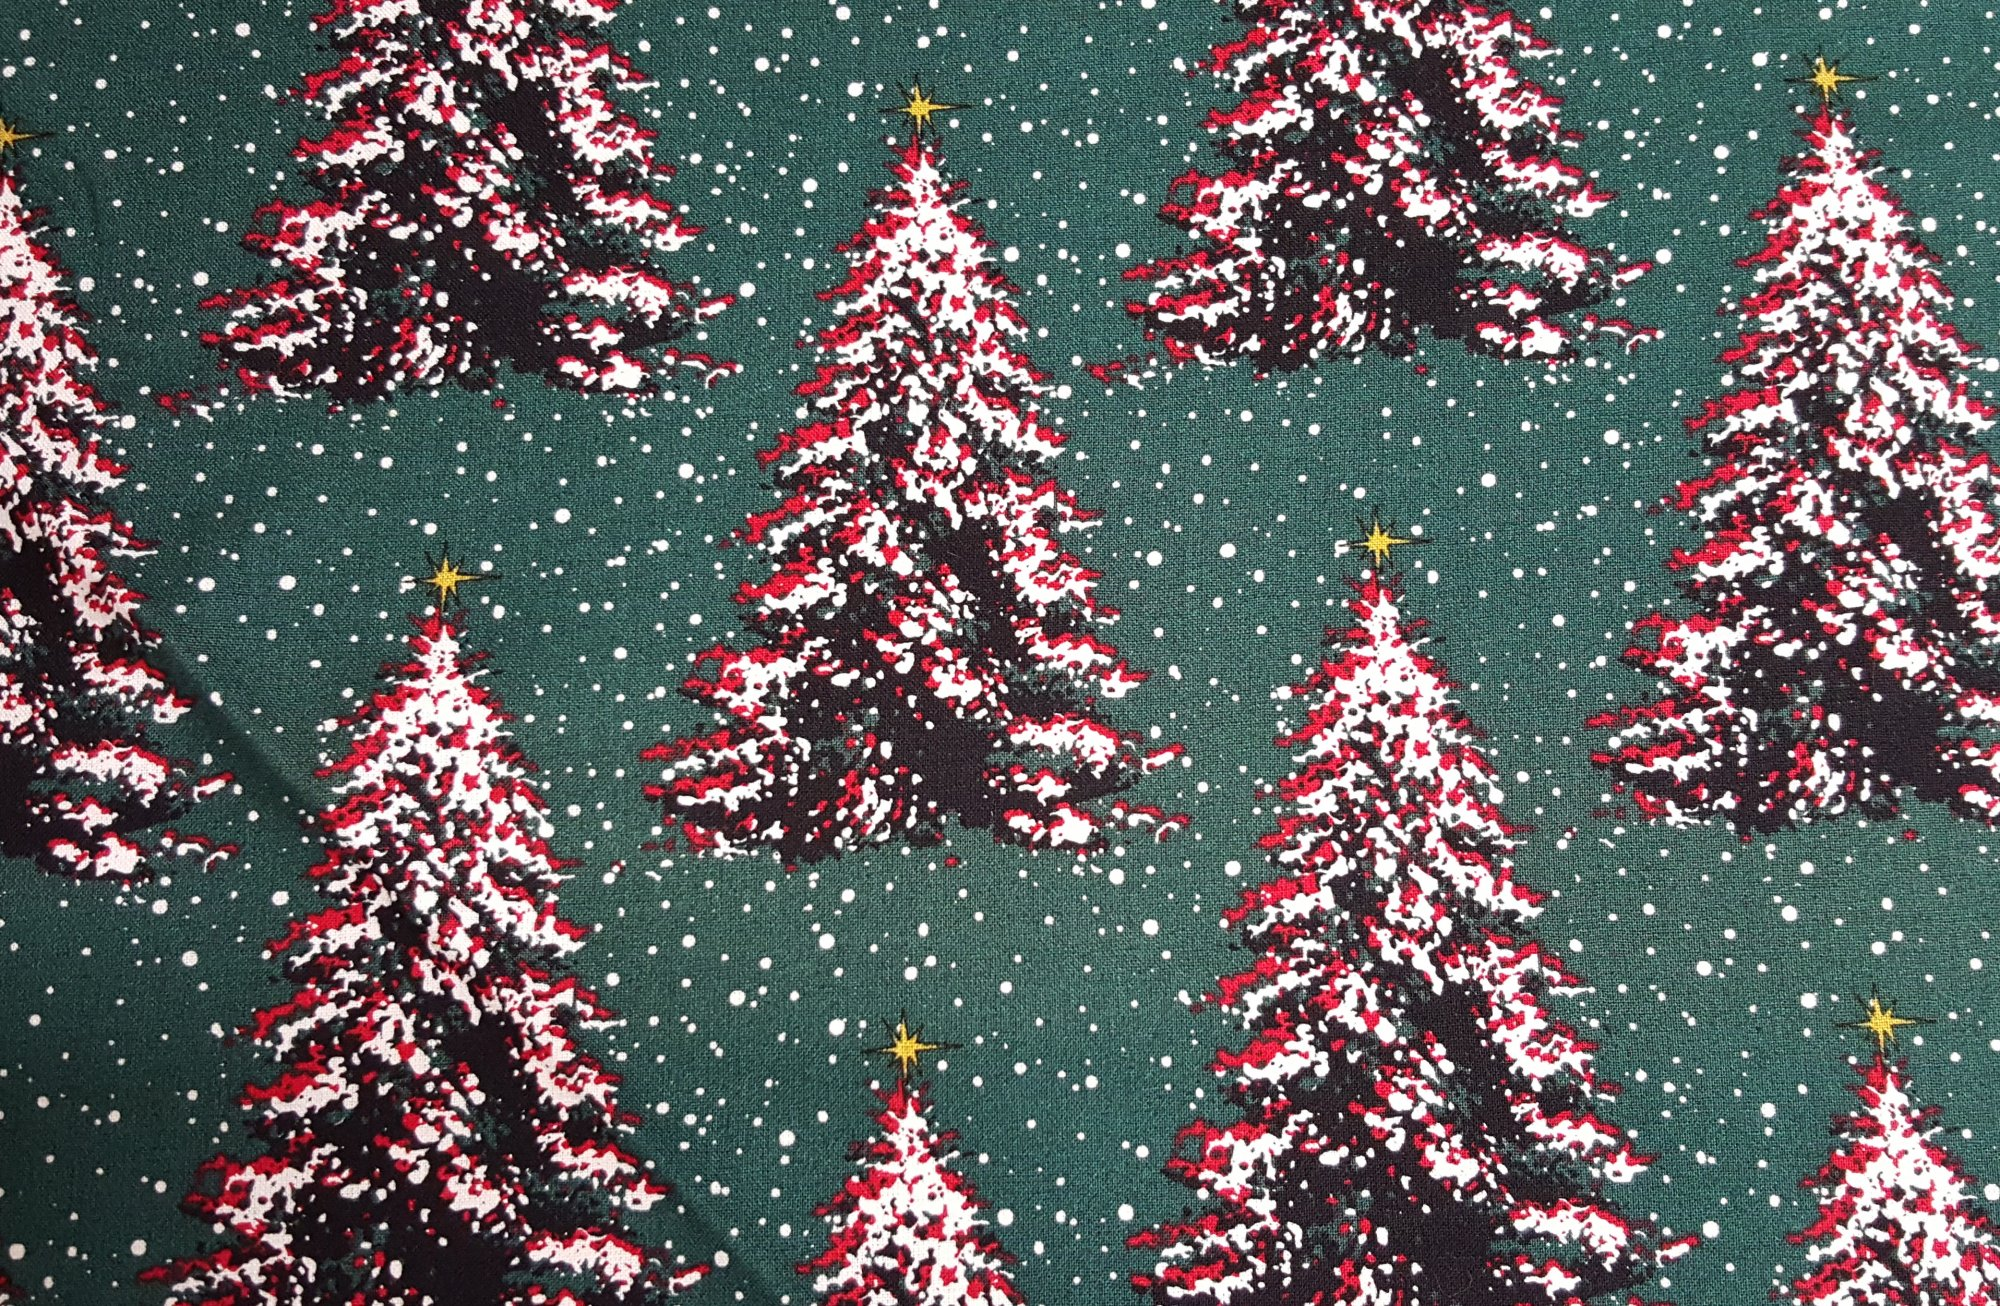 Christmas Tree Collection Trowbridge : Christmas tree hoodies collection